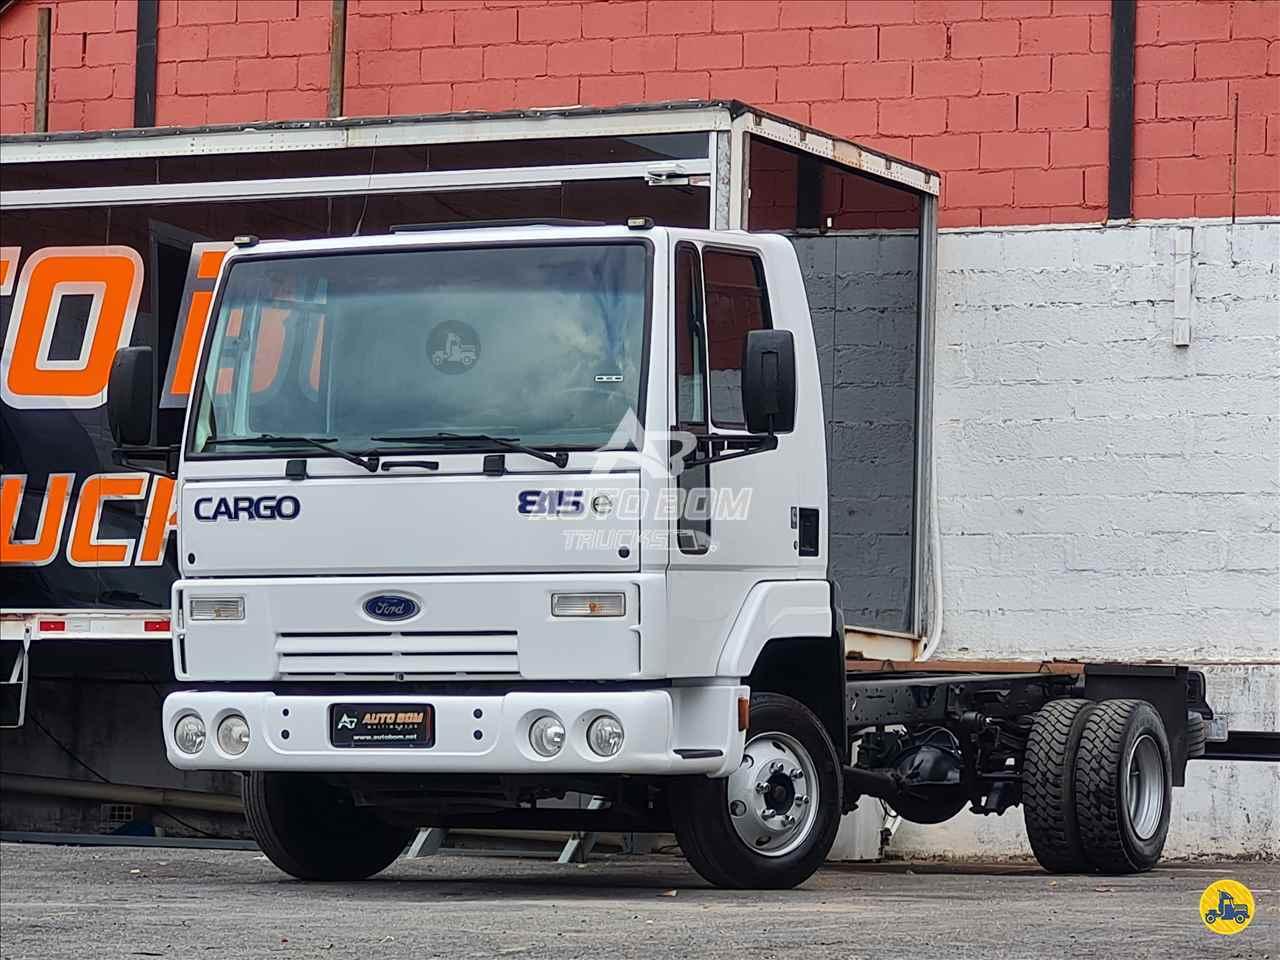 CARGO 815 de Autobom Trucks - CONTAGEM/MG